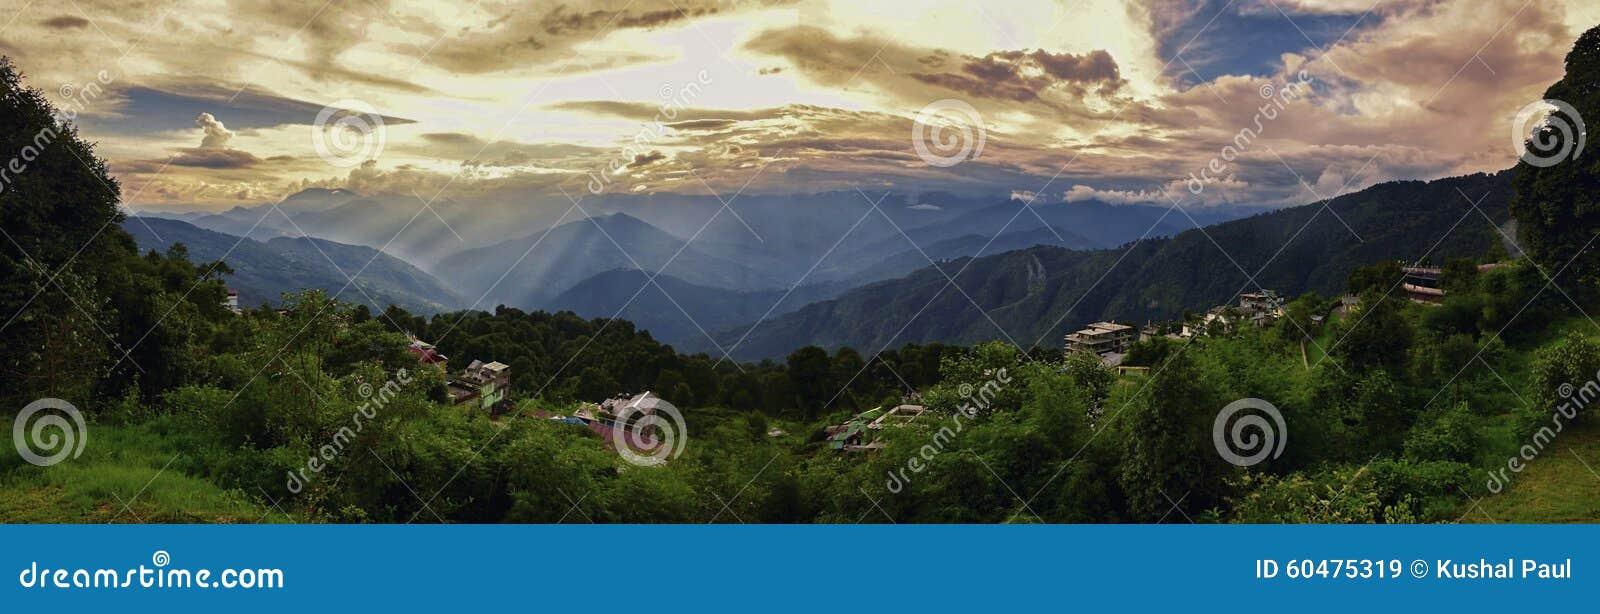 Pico de Shillong